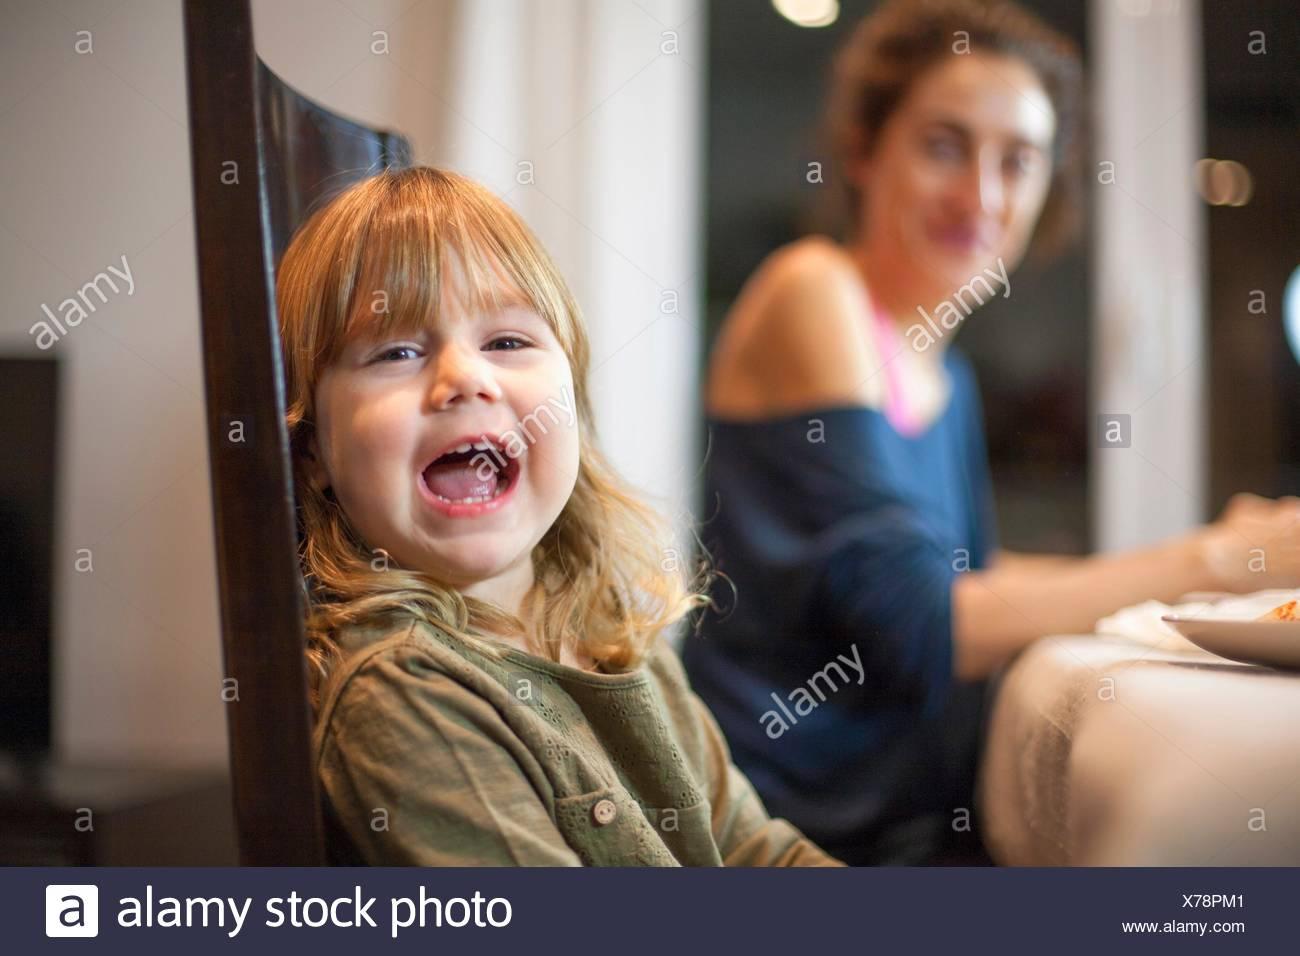 Tre anni bionda bambino seduto a tavola pasto con la madre, guardando la fotocamera e di parlare o gridare. Immagini Stock